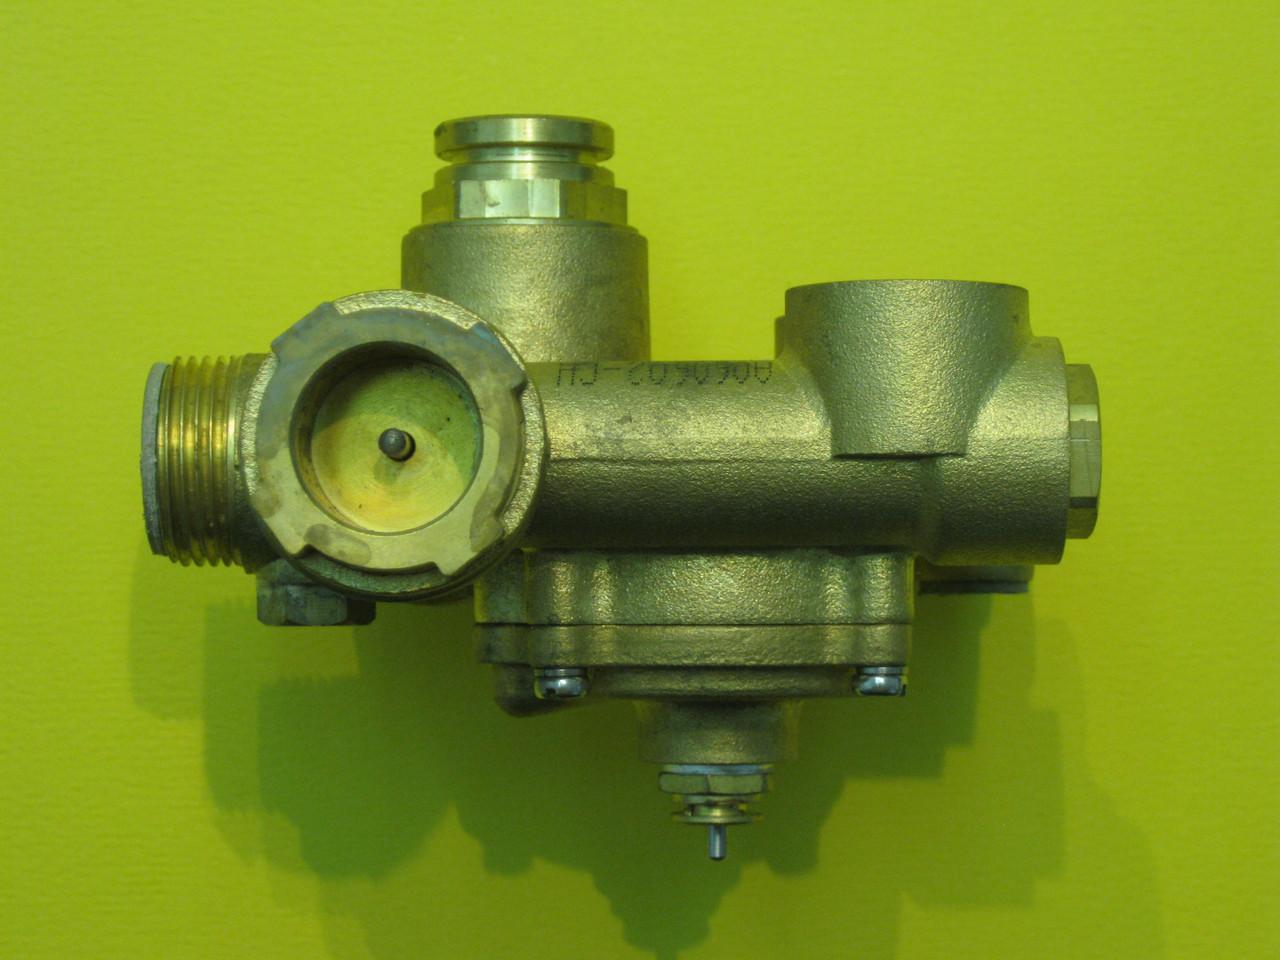 Гидрогруппа выхода воды (трехходовой клапан) Fugas CB11030010 Zoom Boilers, Rens, Weller, фото 3